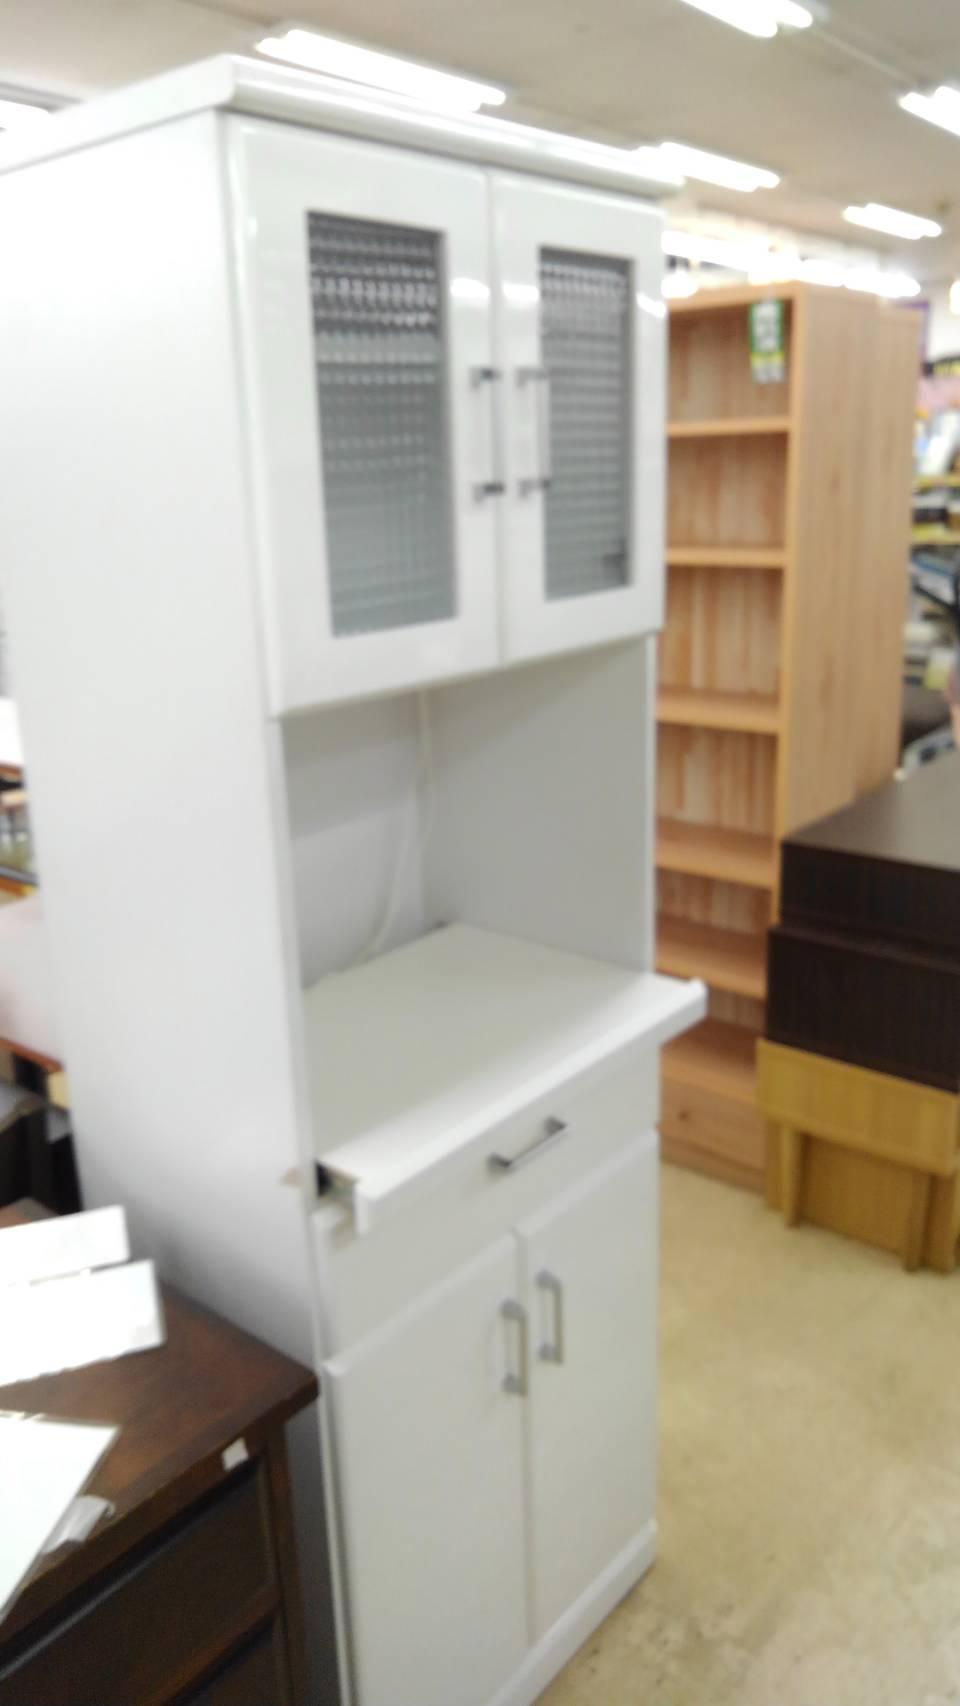 【レンジボード ナフコ キッチン家具 収納家具 白 白家具】買い取り致しました!の買取-